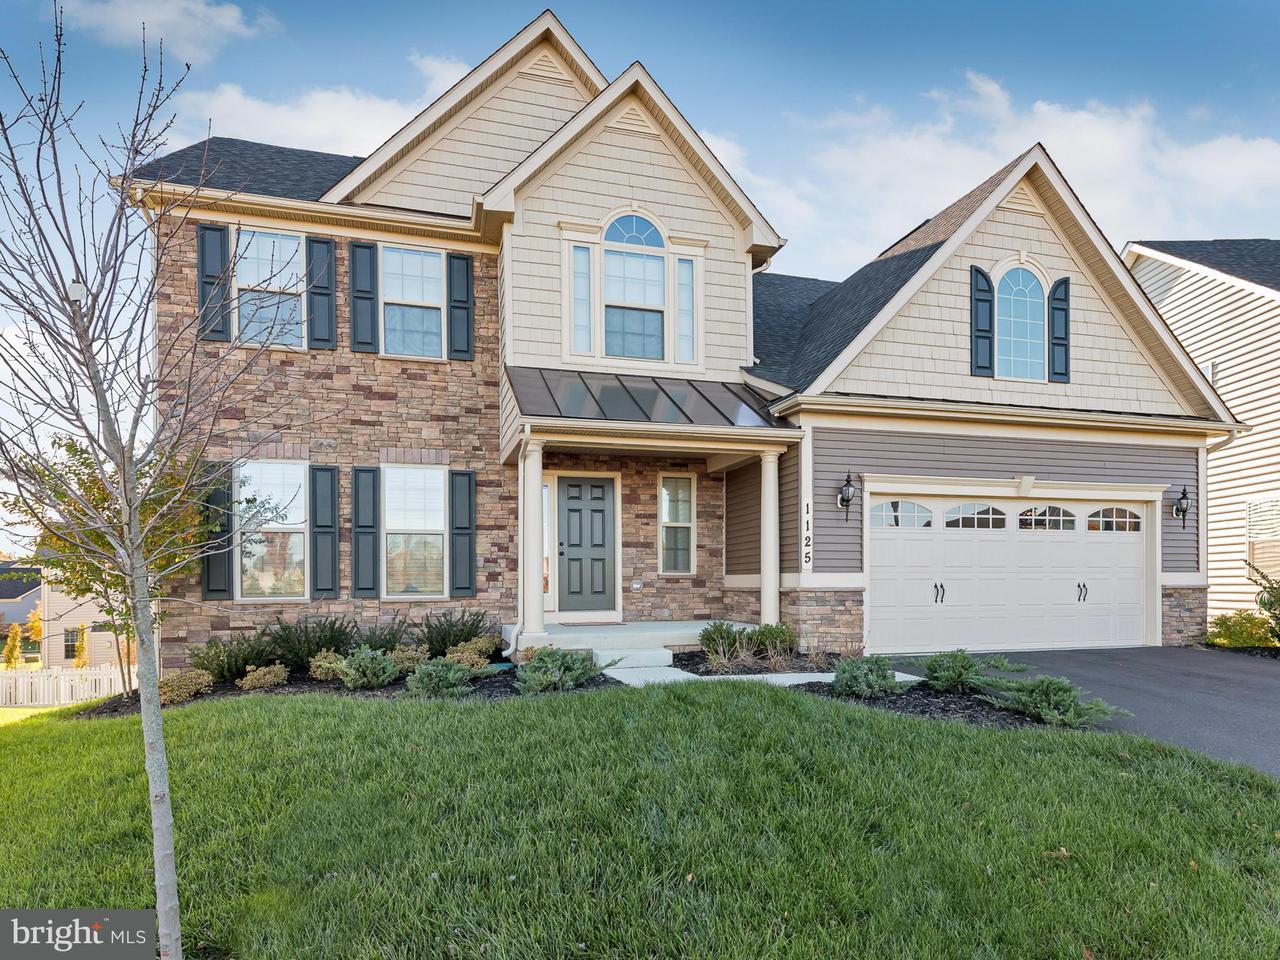 Частный односемейный дом для того Продажа на 1125 LONG FARM Circle 1125 LONG FARM Circle Brunswick, Мэриленд 21716 Соединенные Штаты